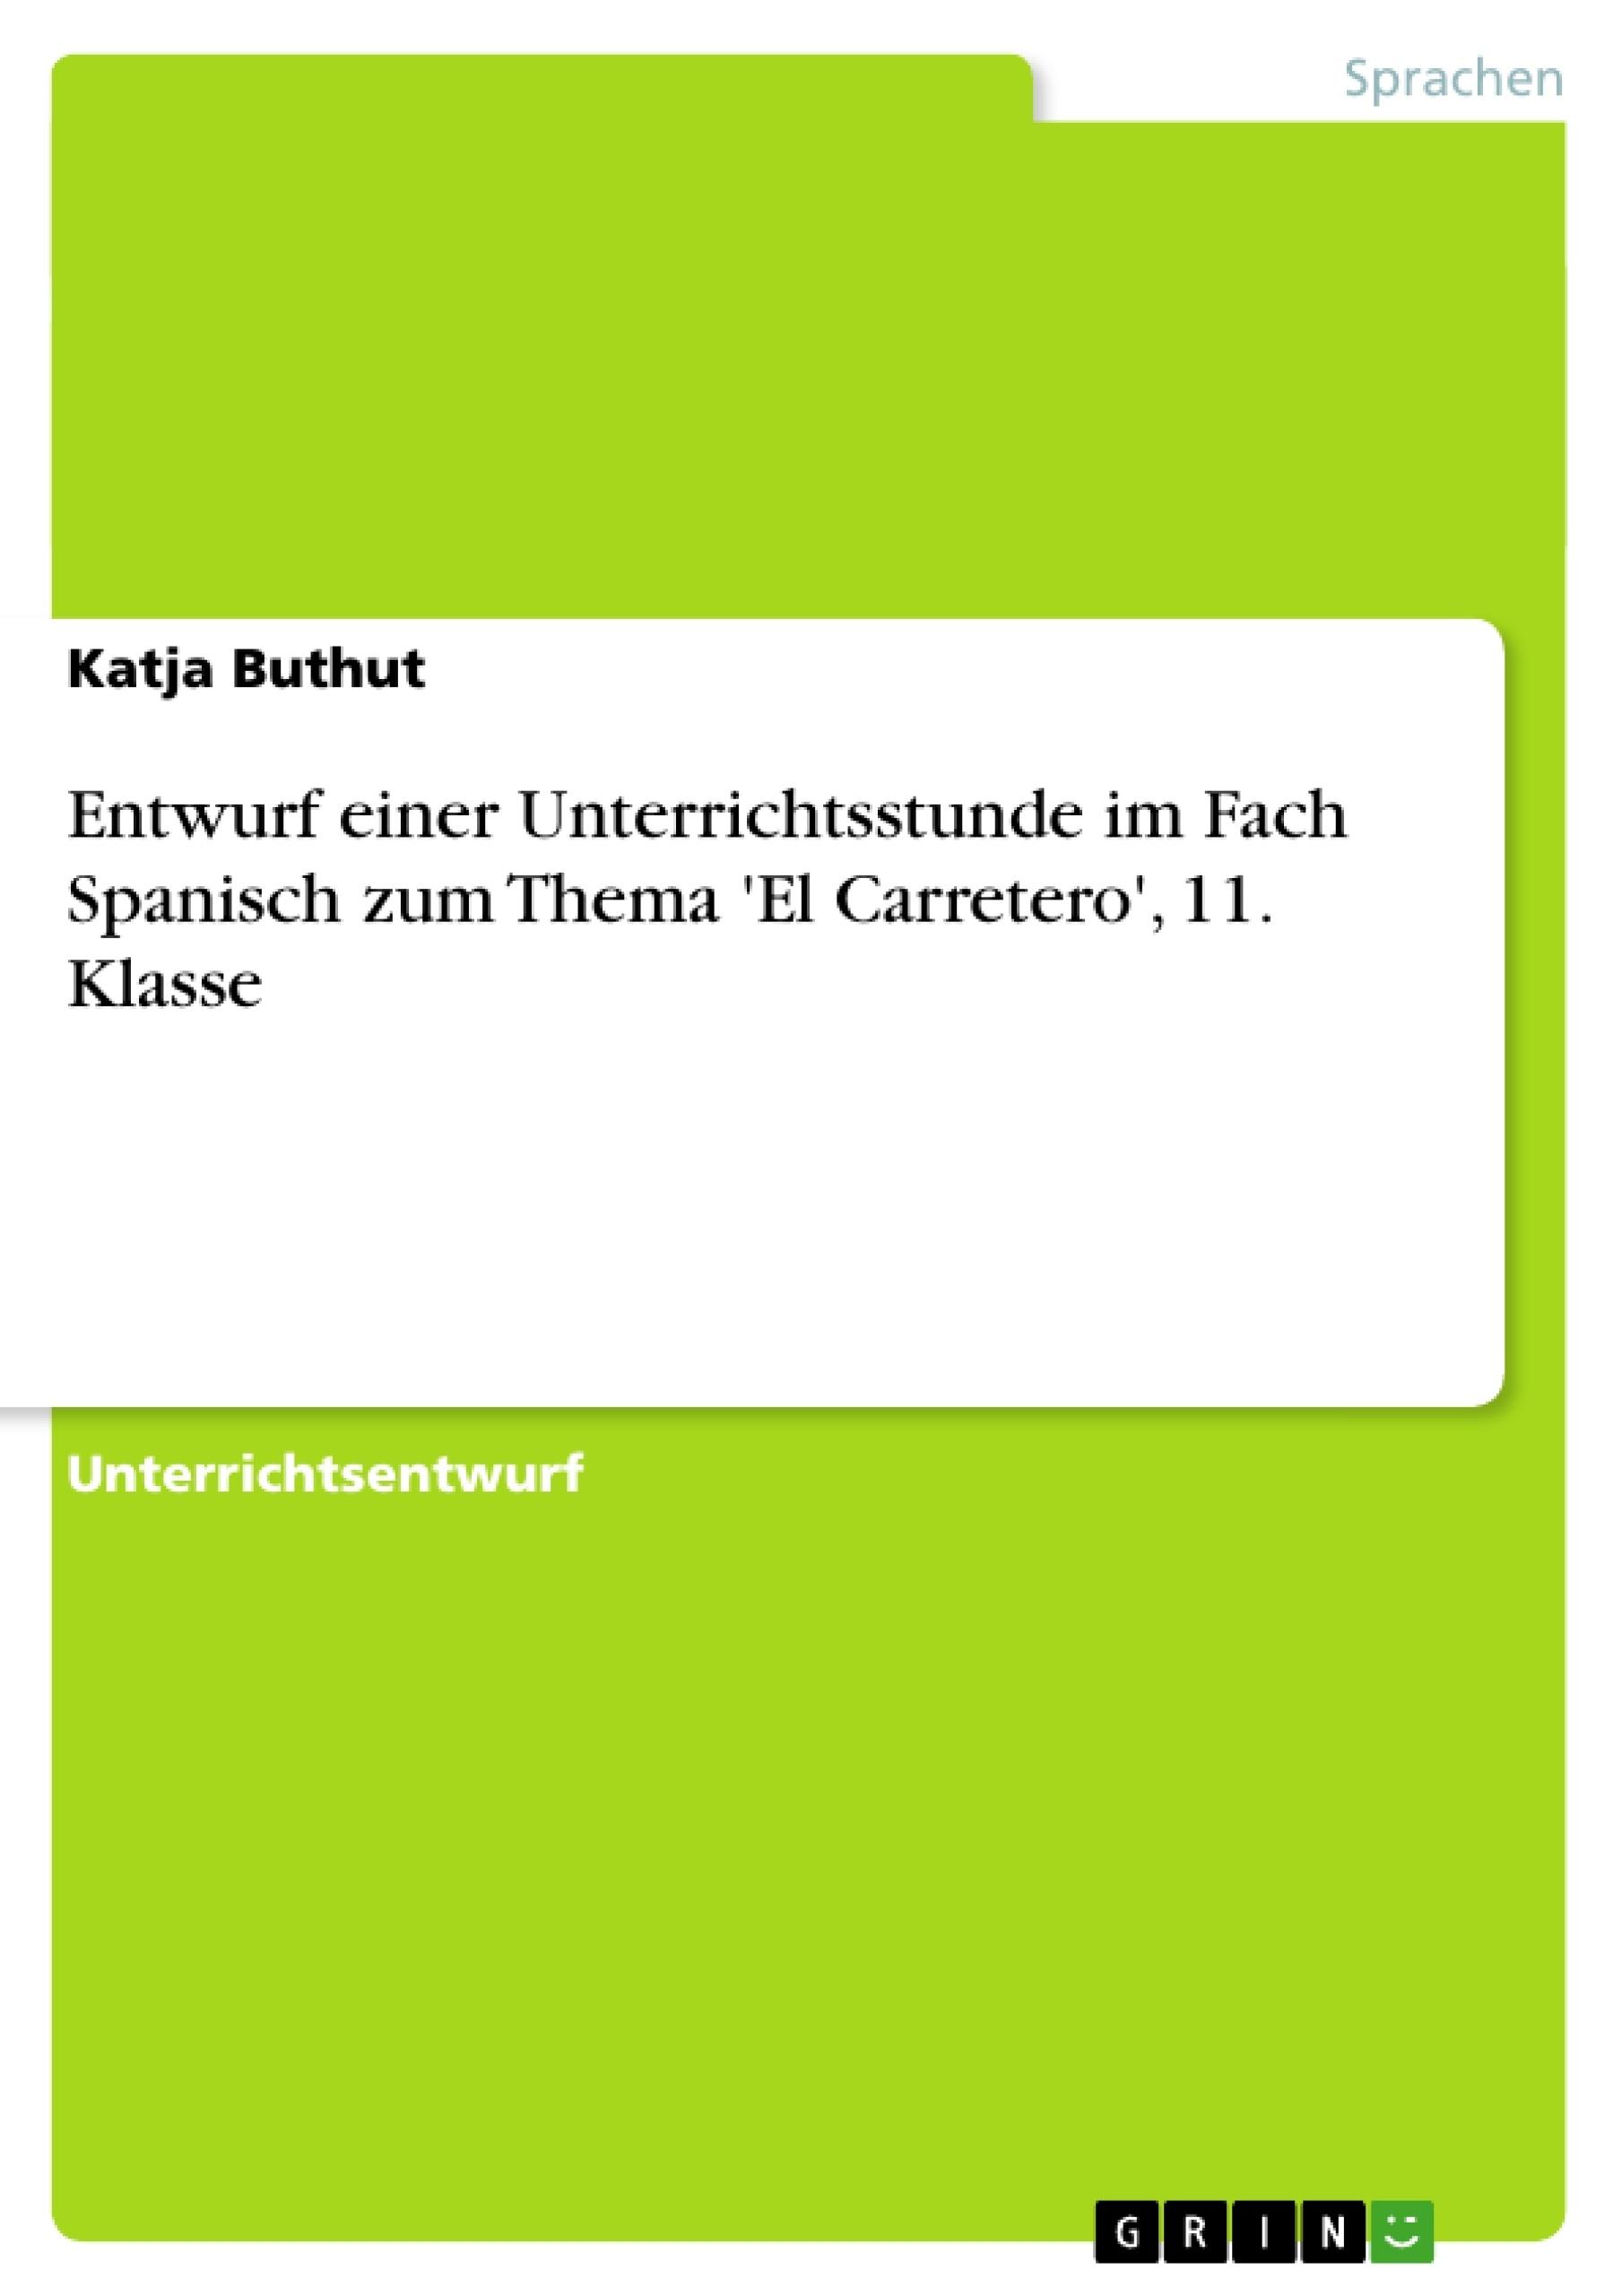 Titel: Entwurf einer Unterrichtsstunde im Fach Spanisch zum Thema 'El Carretero', 11. Klasse